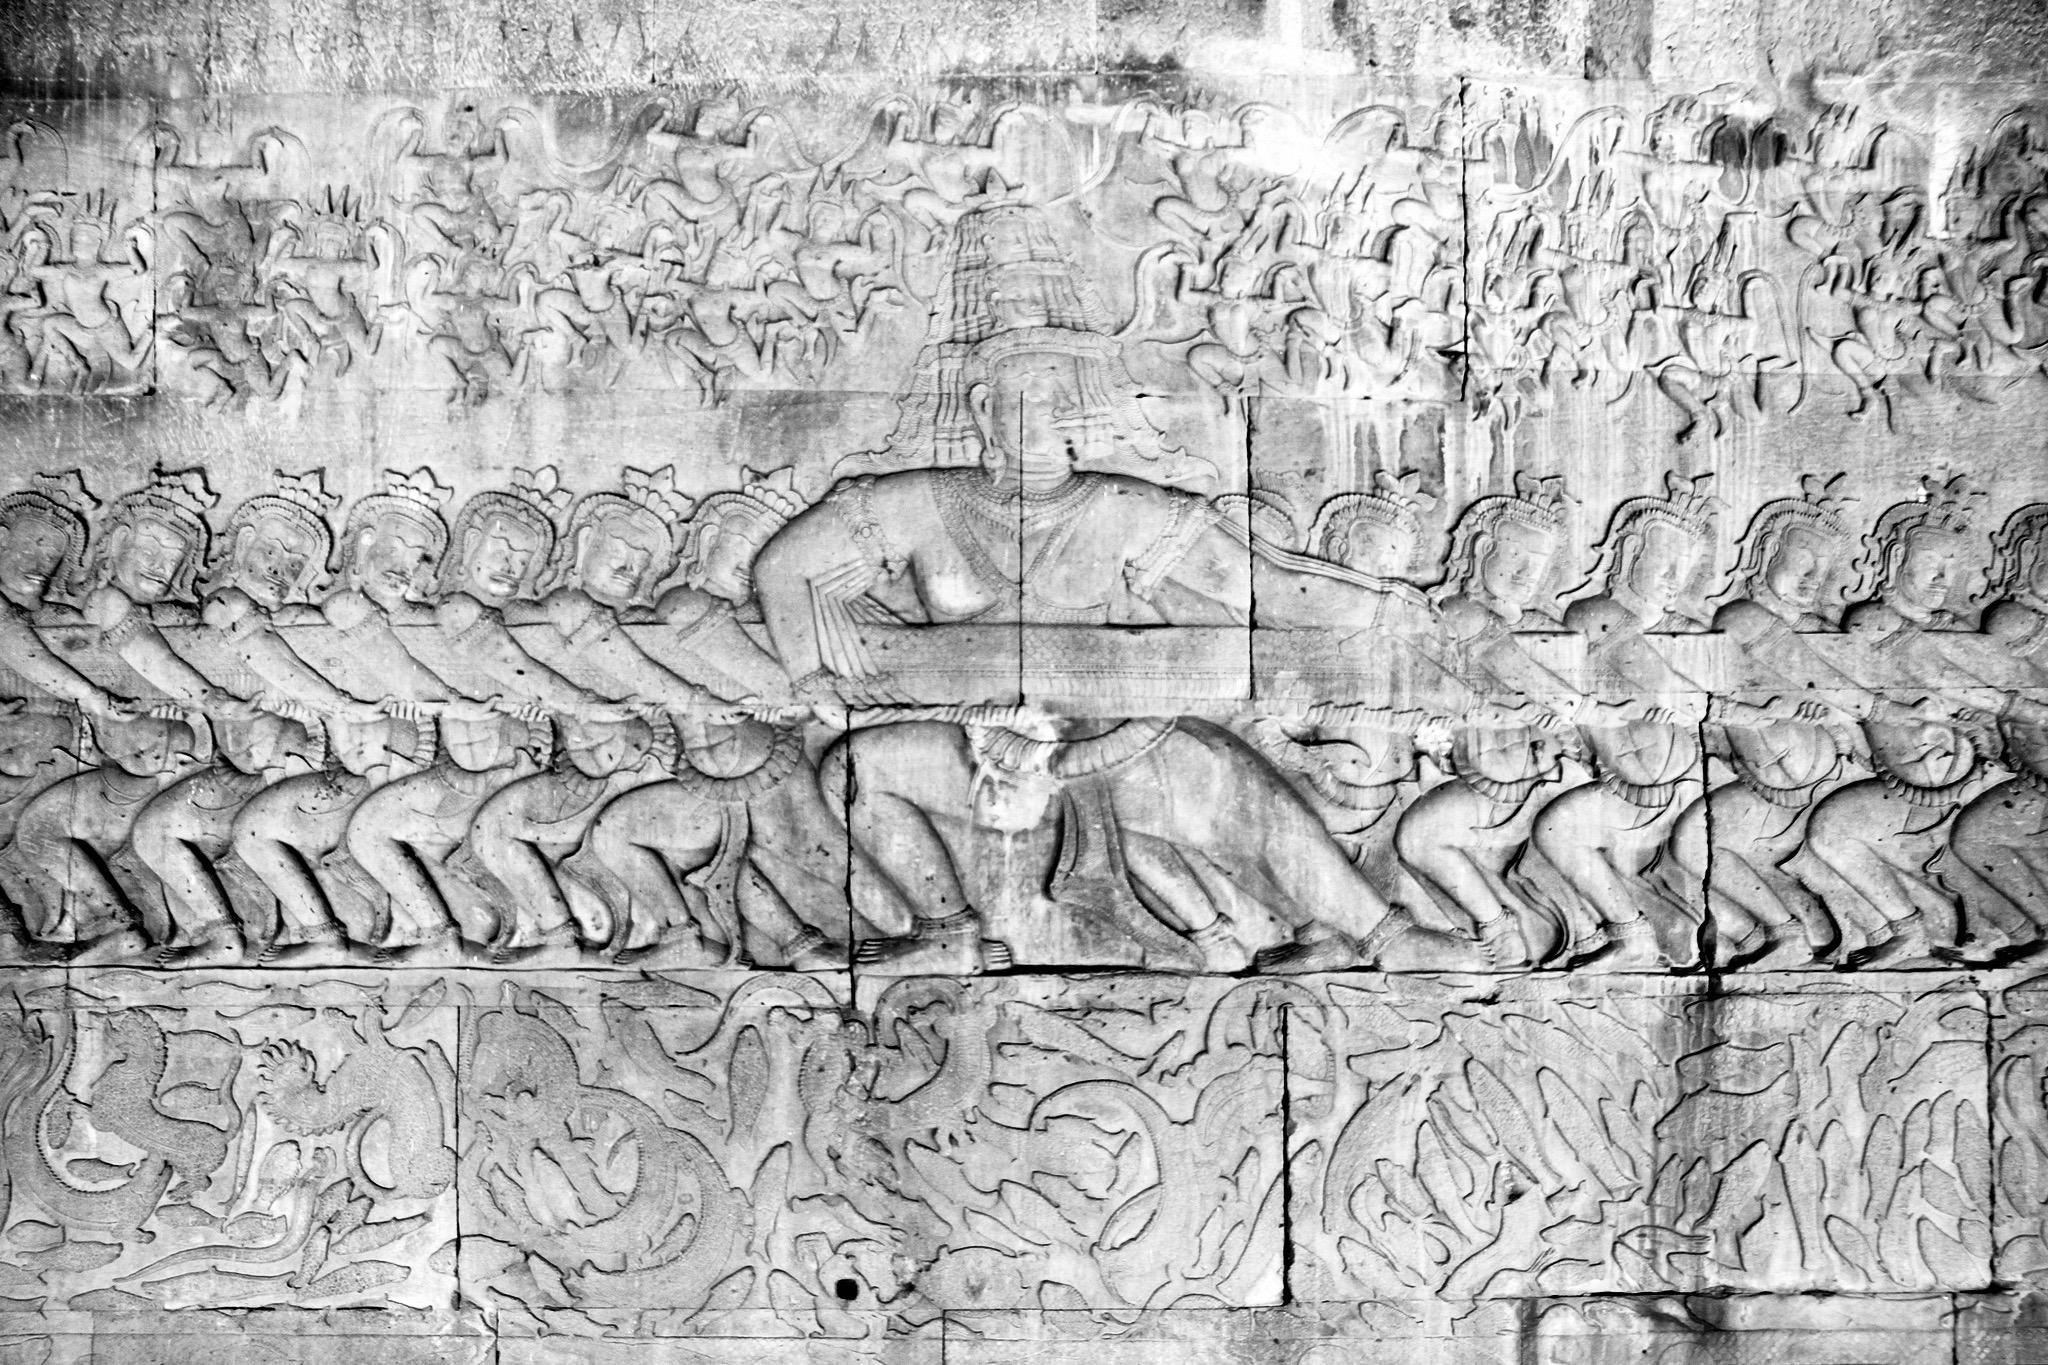 El batido del mar de leche : casi una función de cine mudo en las piedras de Angkor Wat.